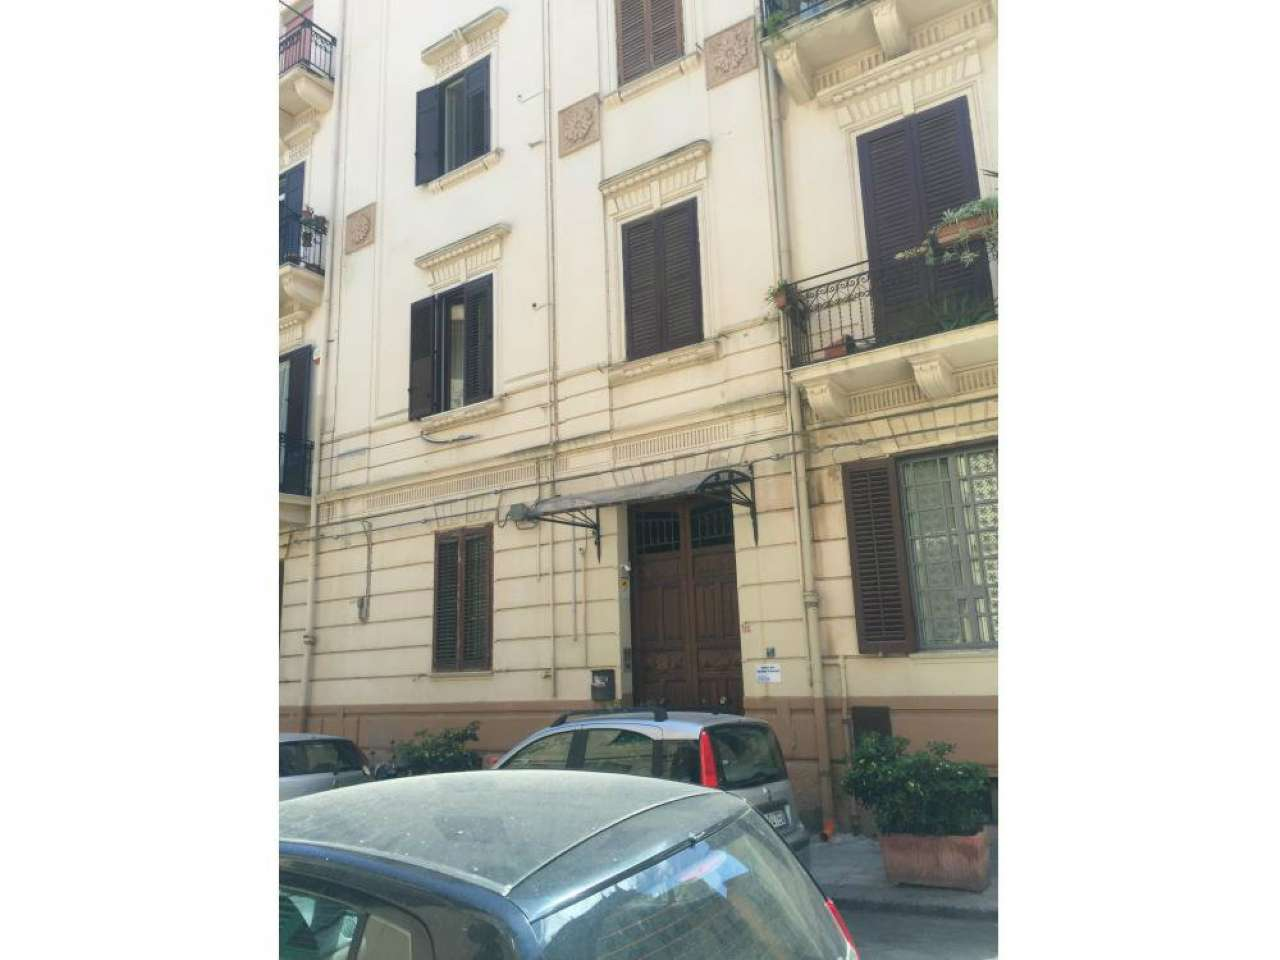 Appartamento in vendita a Palermo, 5 locali, prezzo € 150.000 | Cambio Casa.it